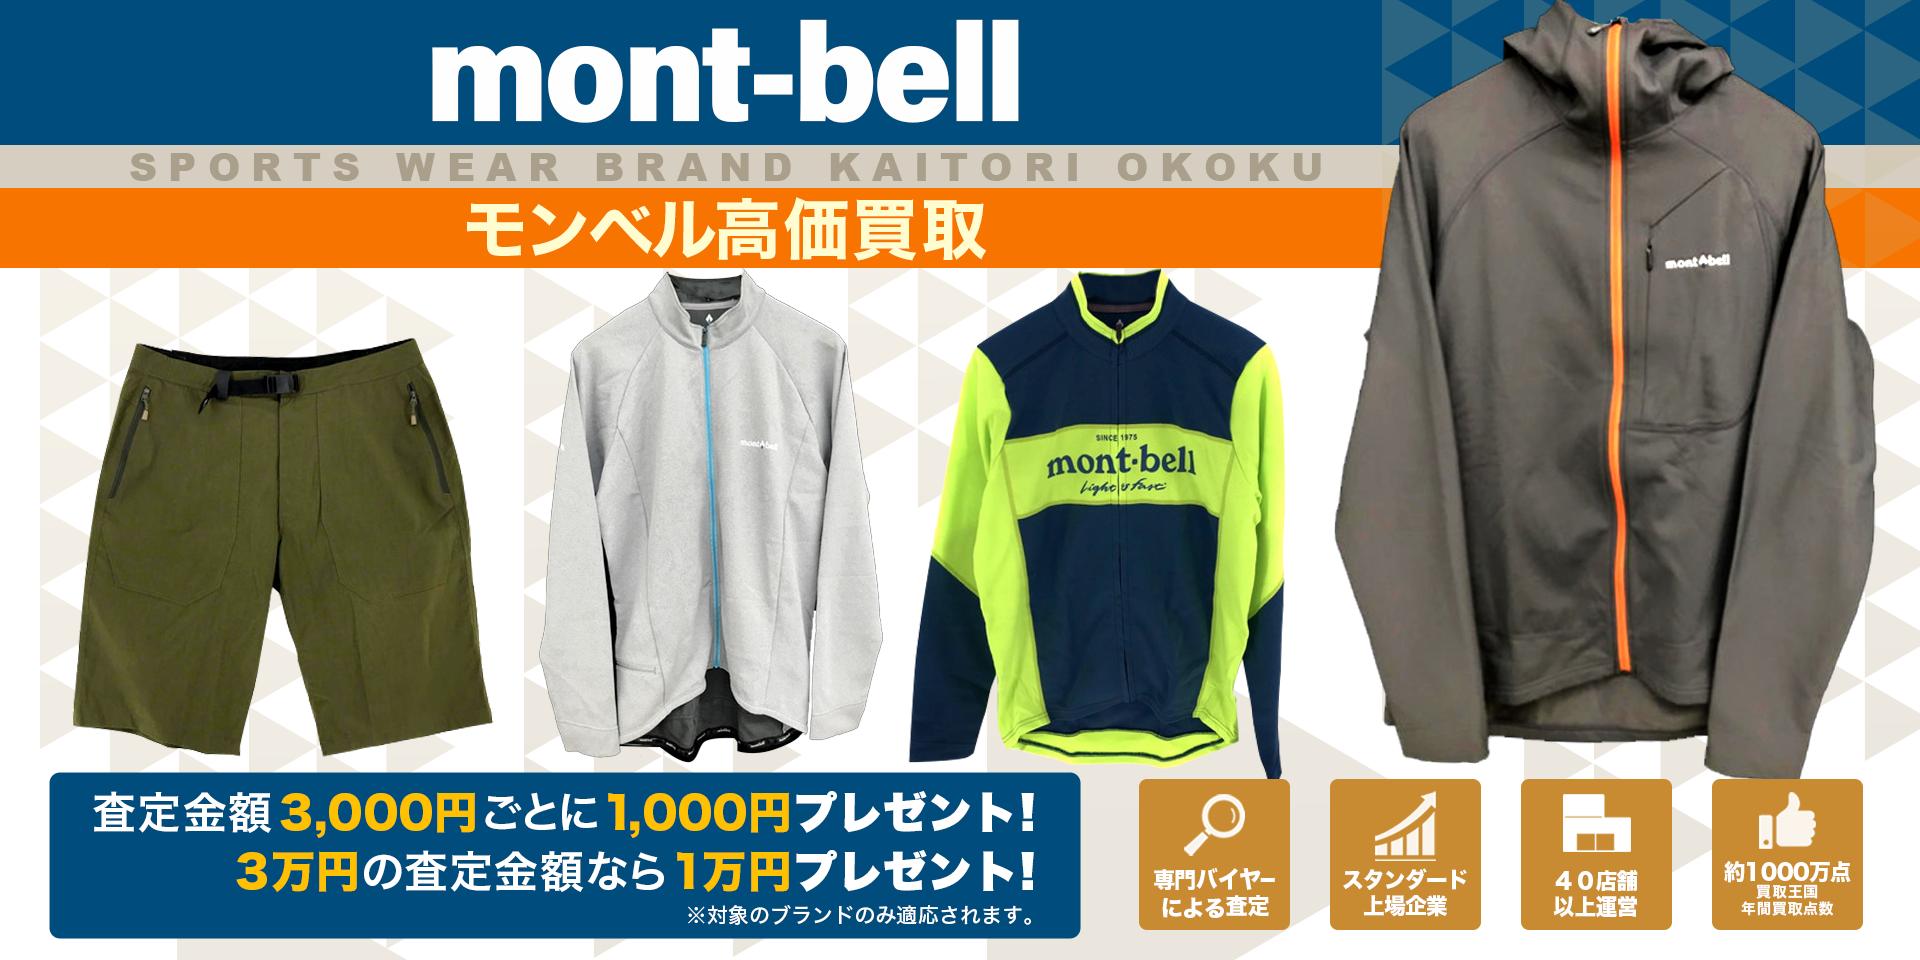 mont-bellのキービジュアル